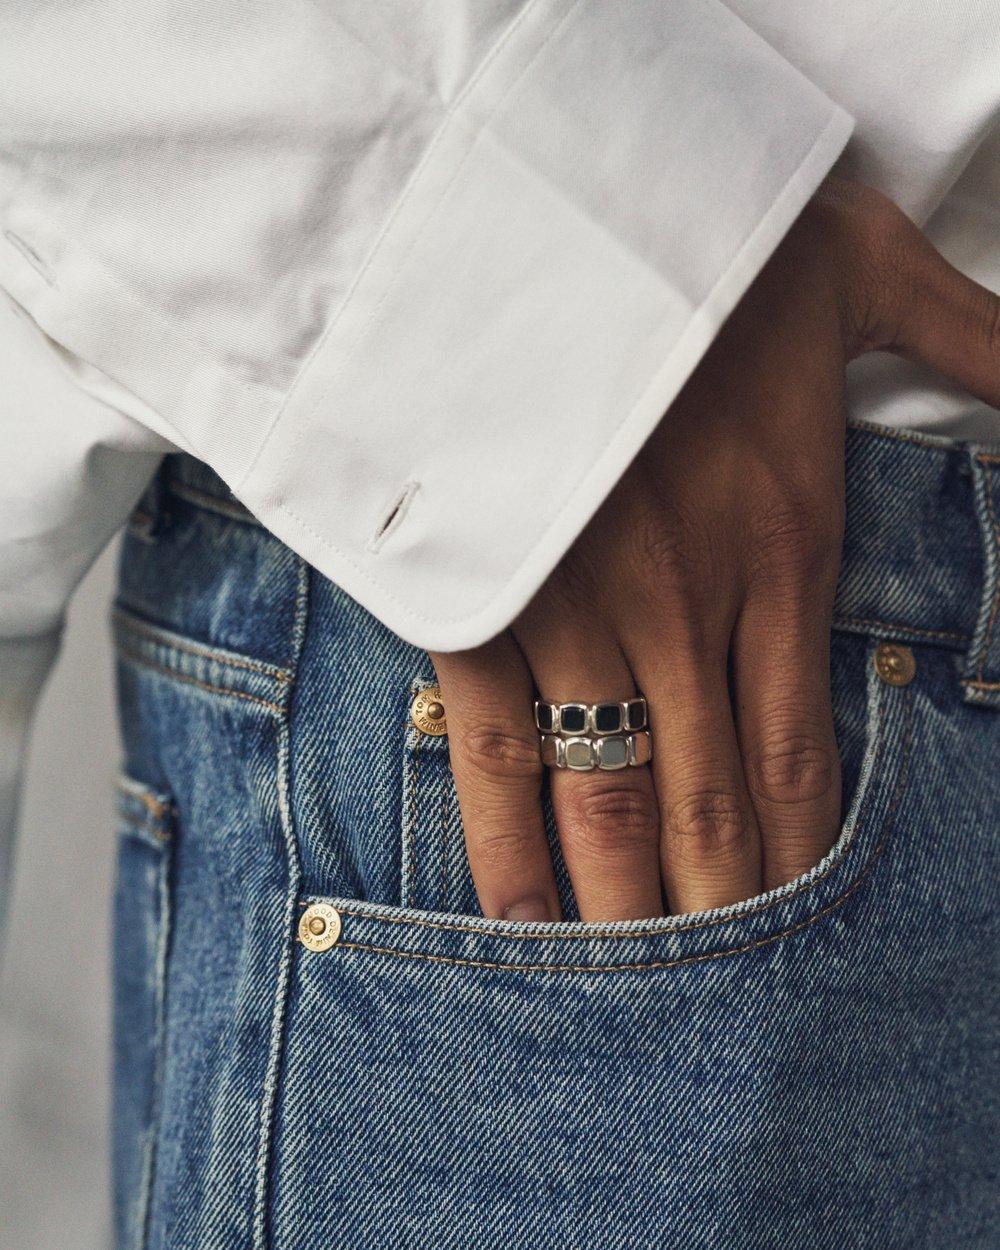 Signatur-ring